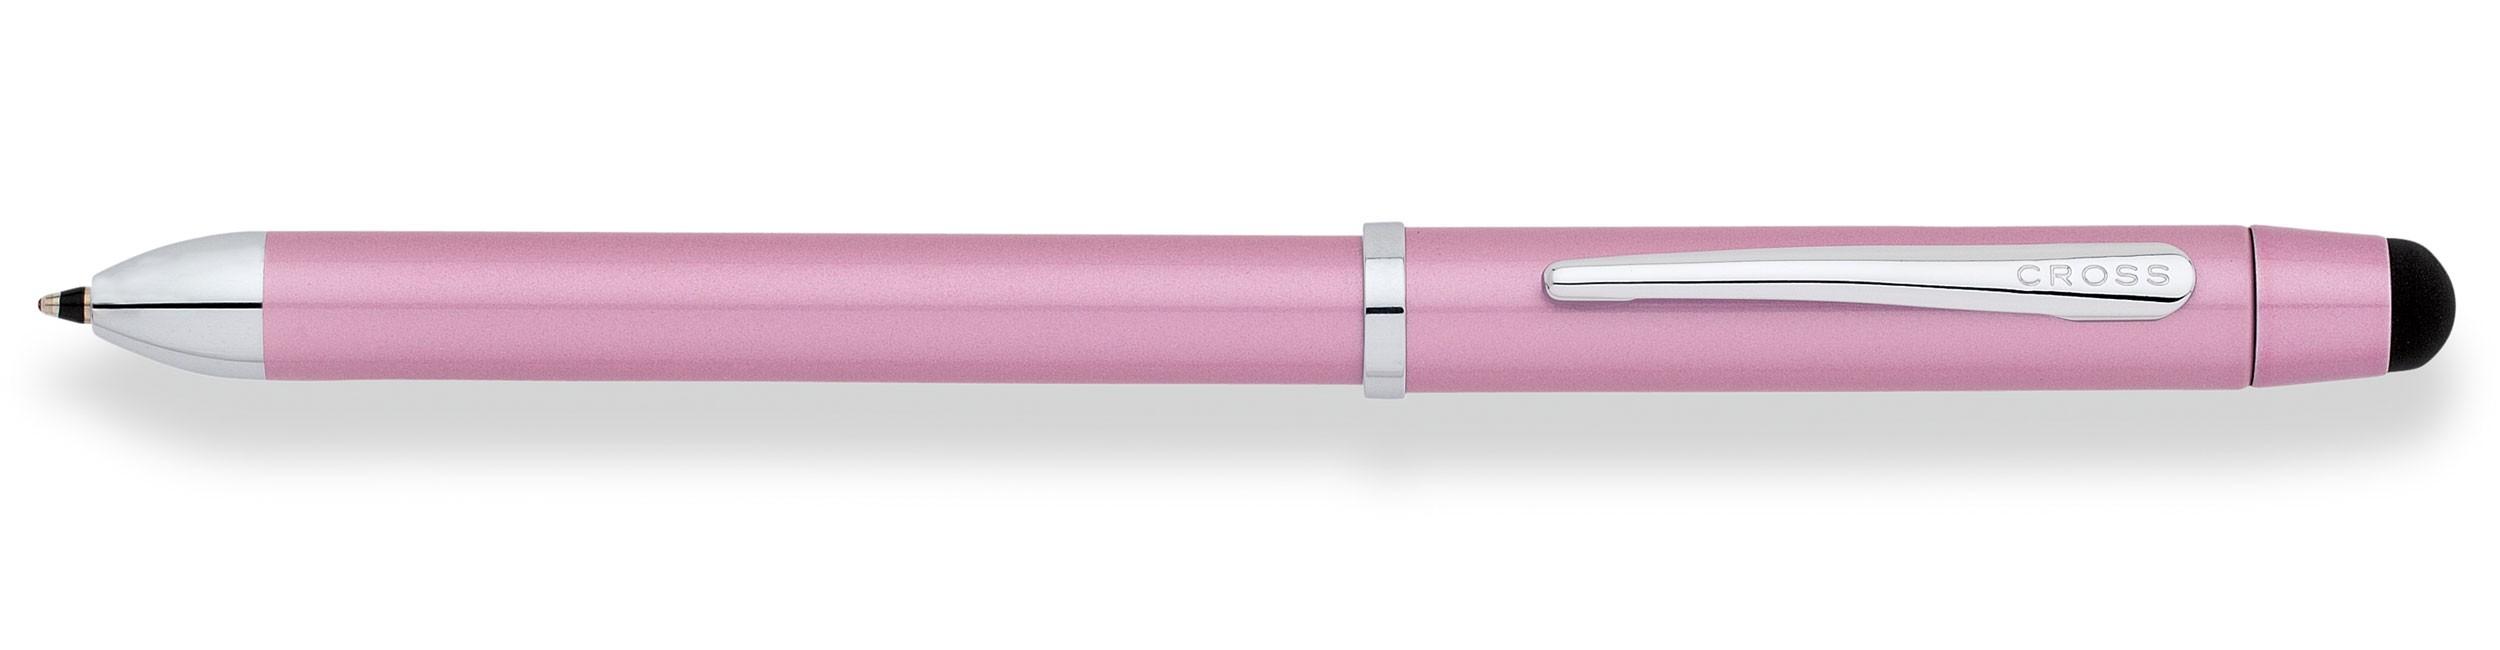 Розовая шариковая ручка двухцветная и механический карандаш